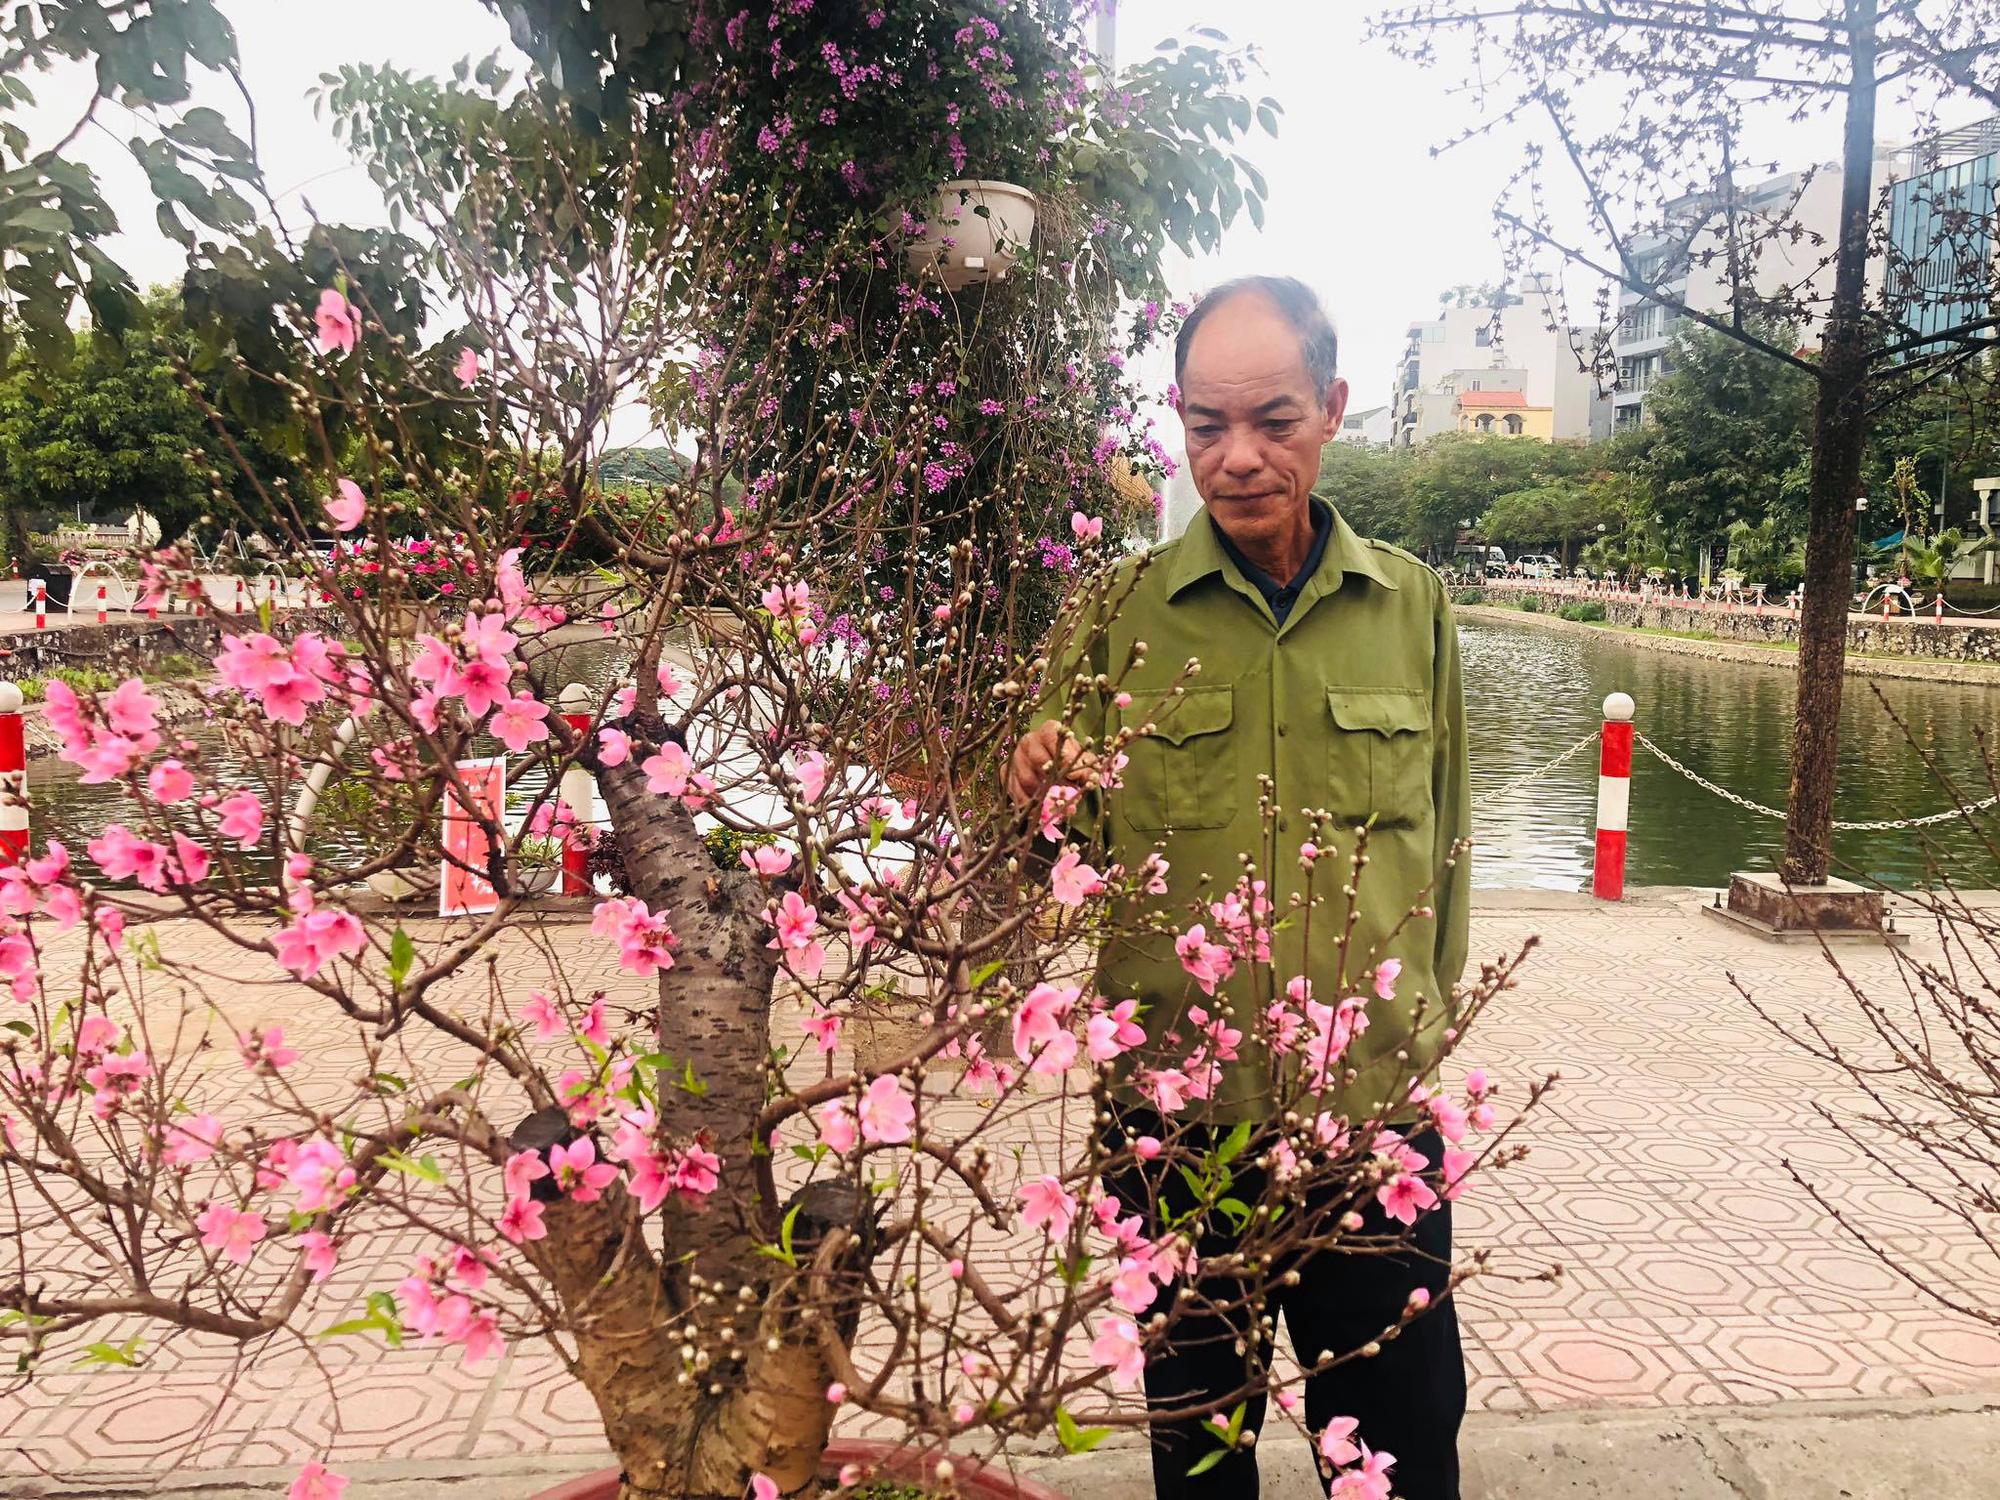 Trưng bày Đào độc, lạ trị giá 50 triệu đồng tại Lễ hội hoa đào Nhật Tân - Ảnh 5.